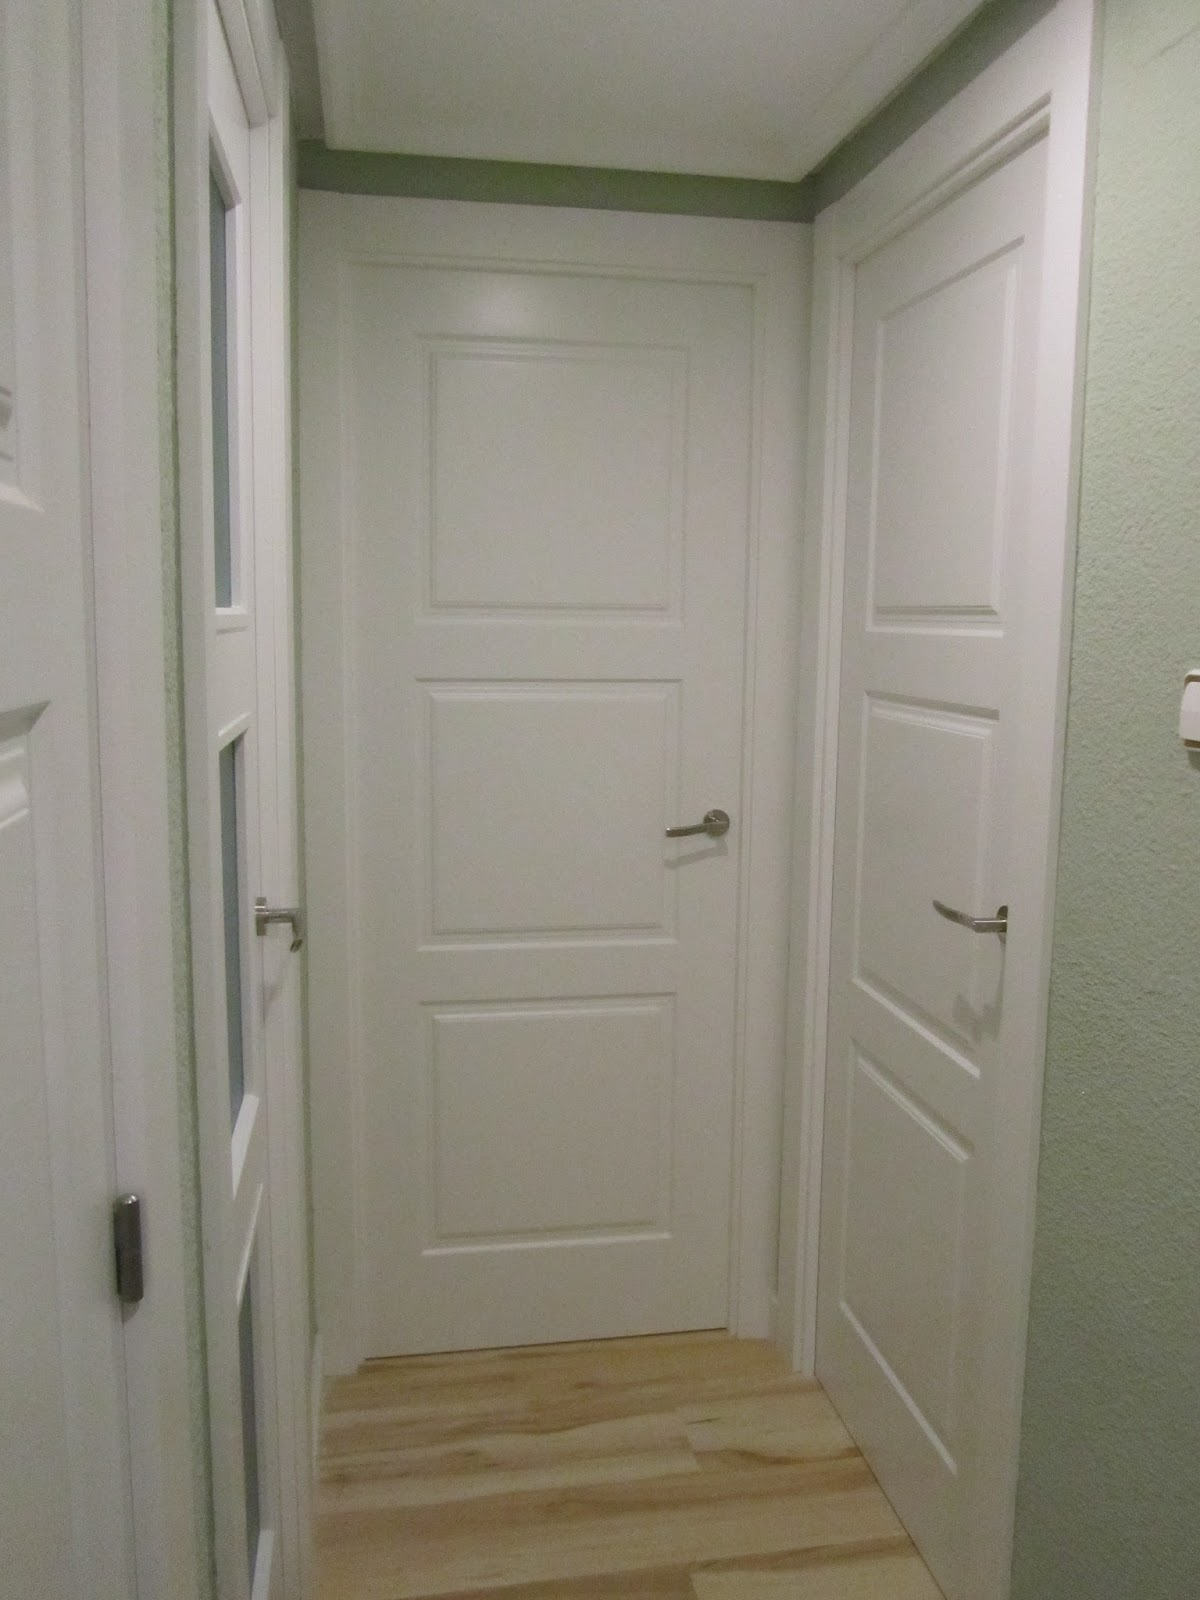 Puertas lozano instalacion de puerta blindada puertas - Puertas lacadas blancas ...